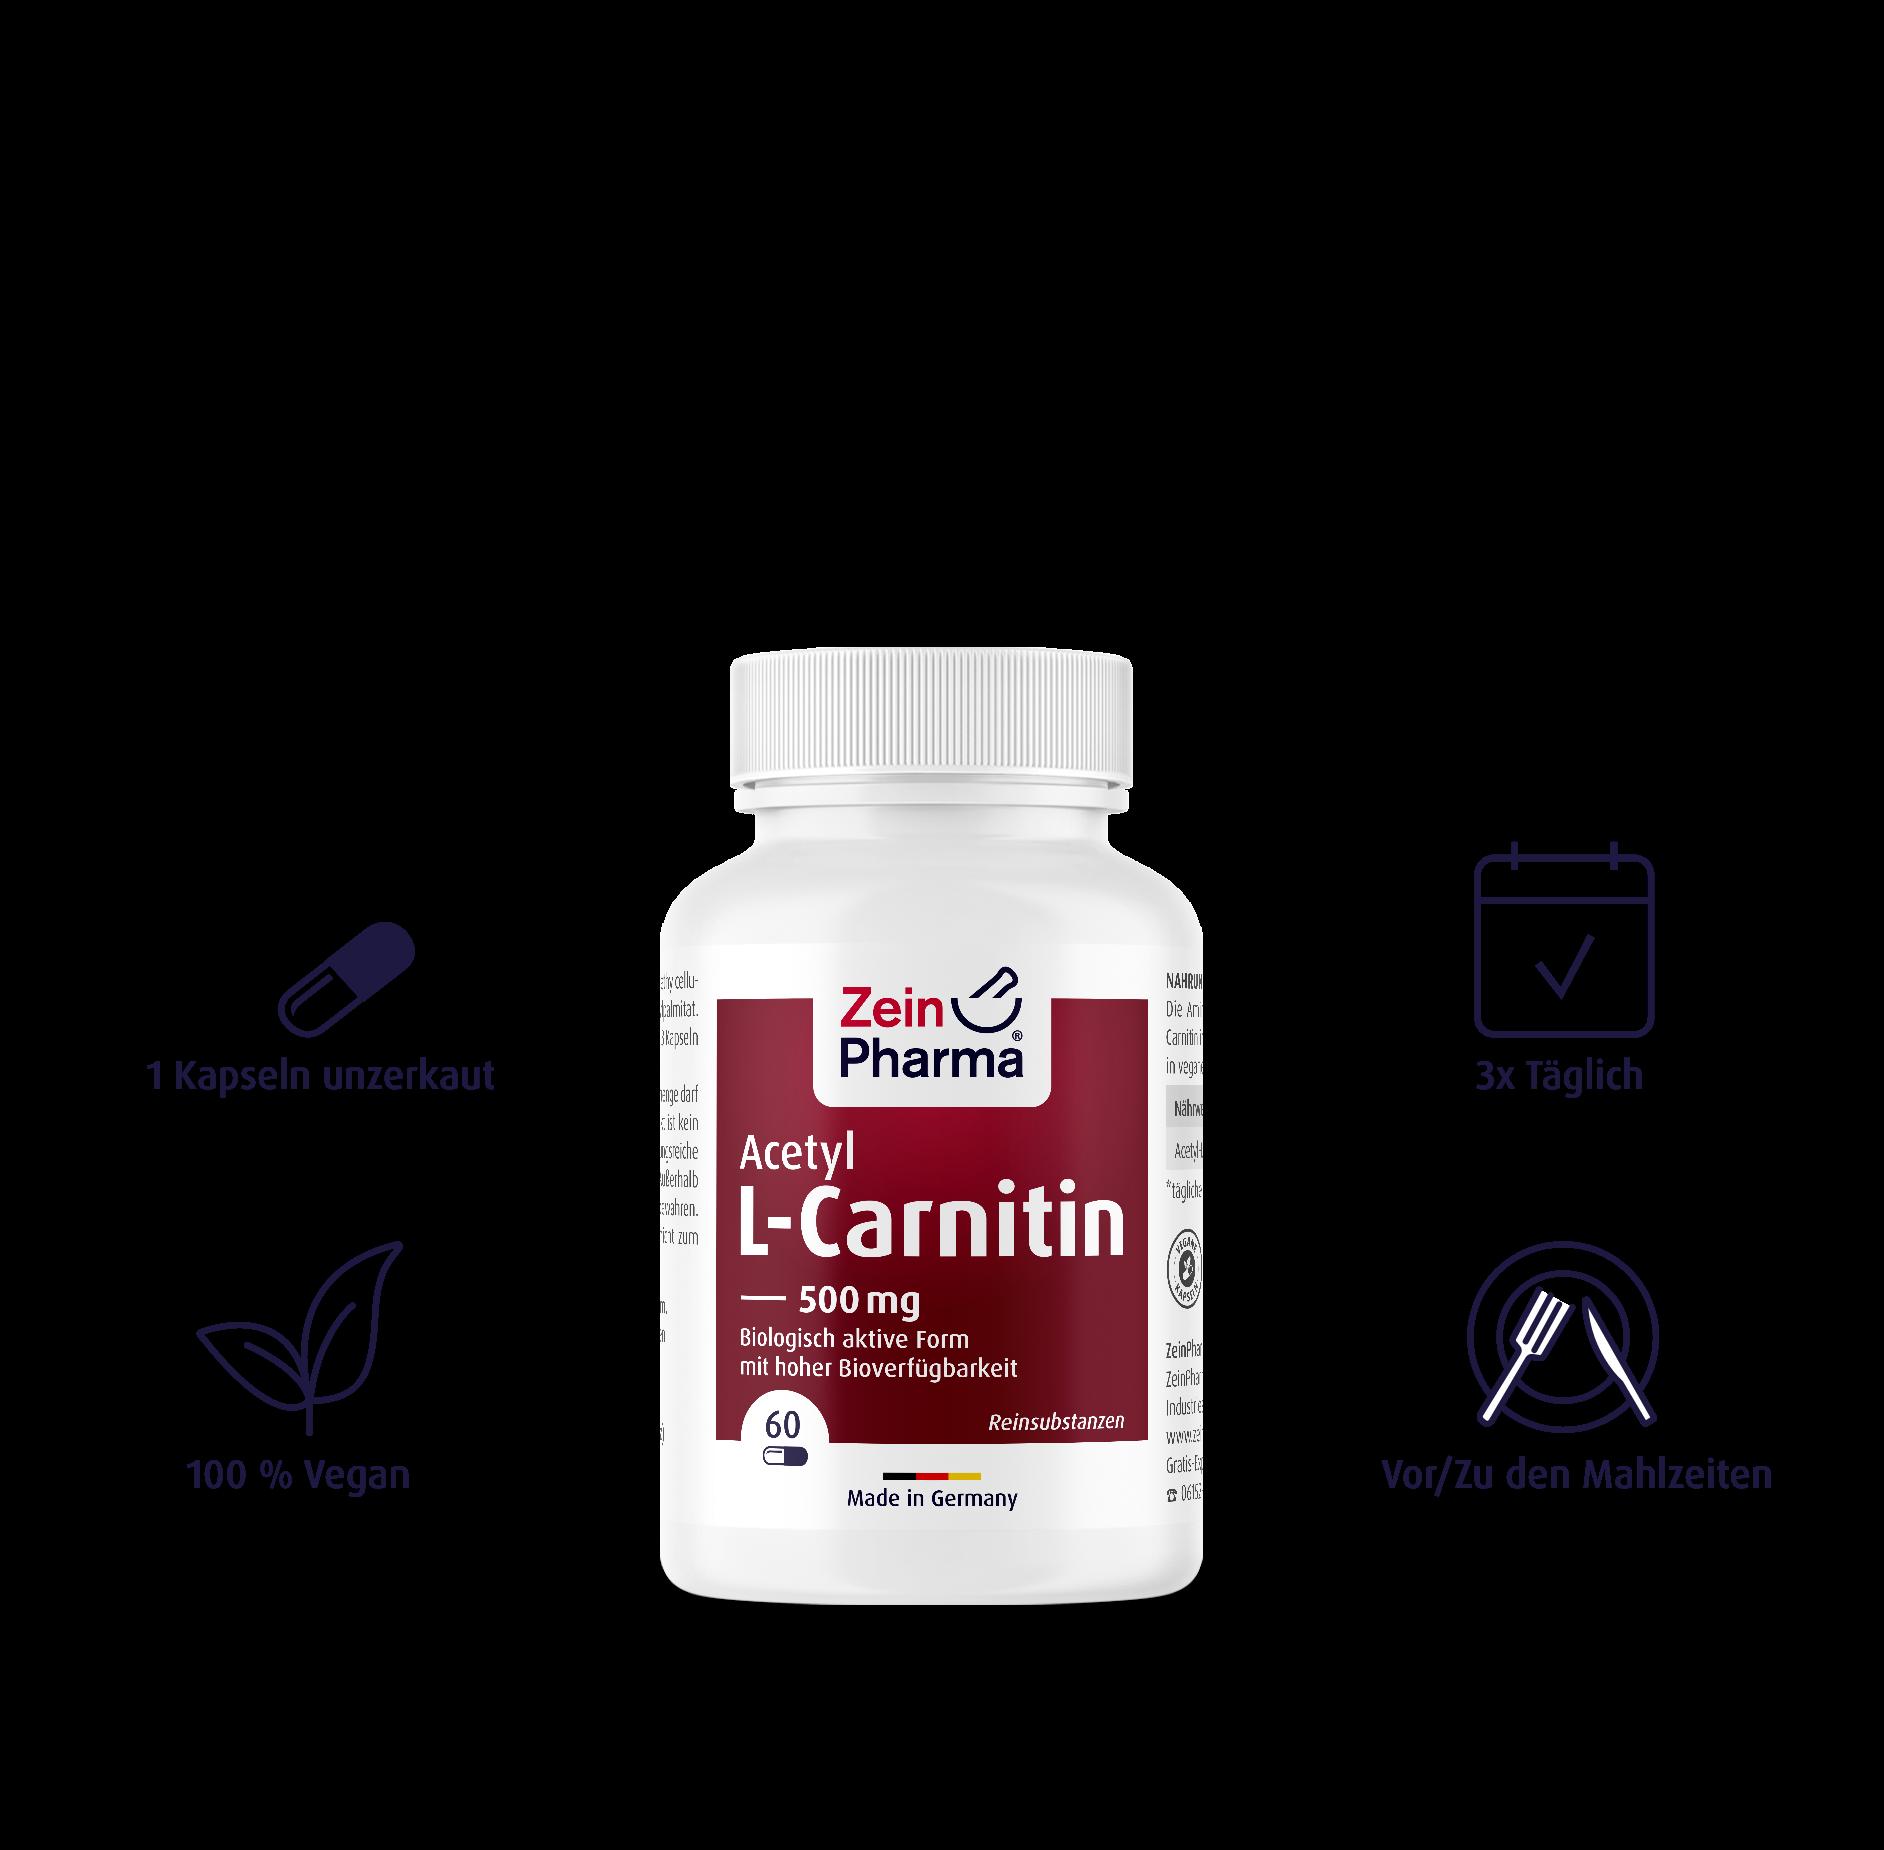 Acetyl-L-Carnitin Kapseln